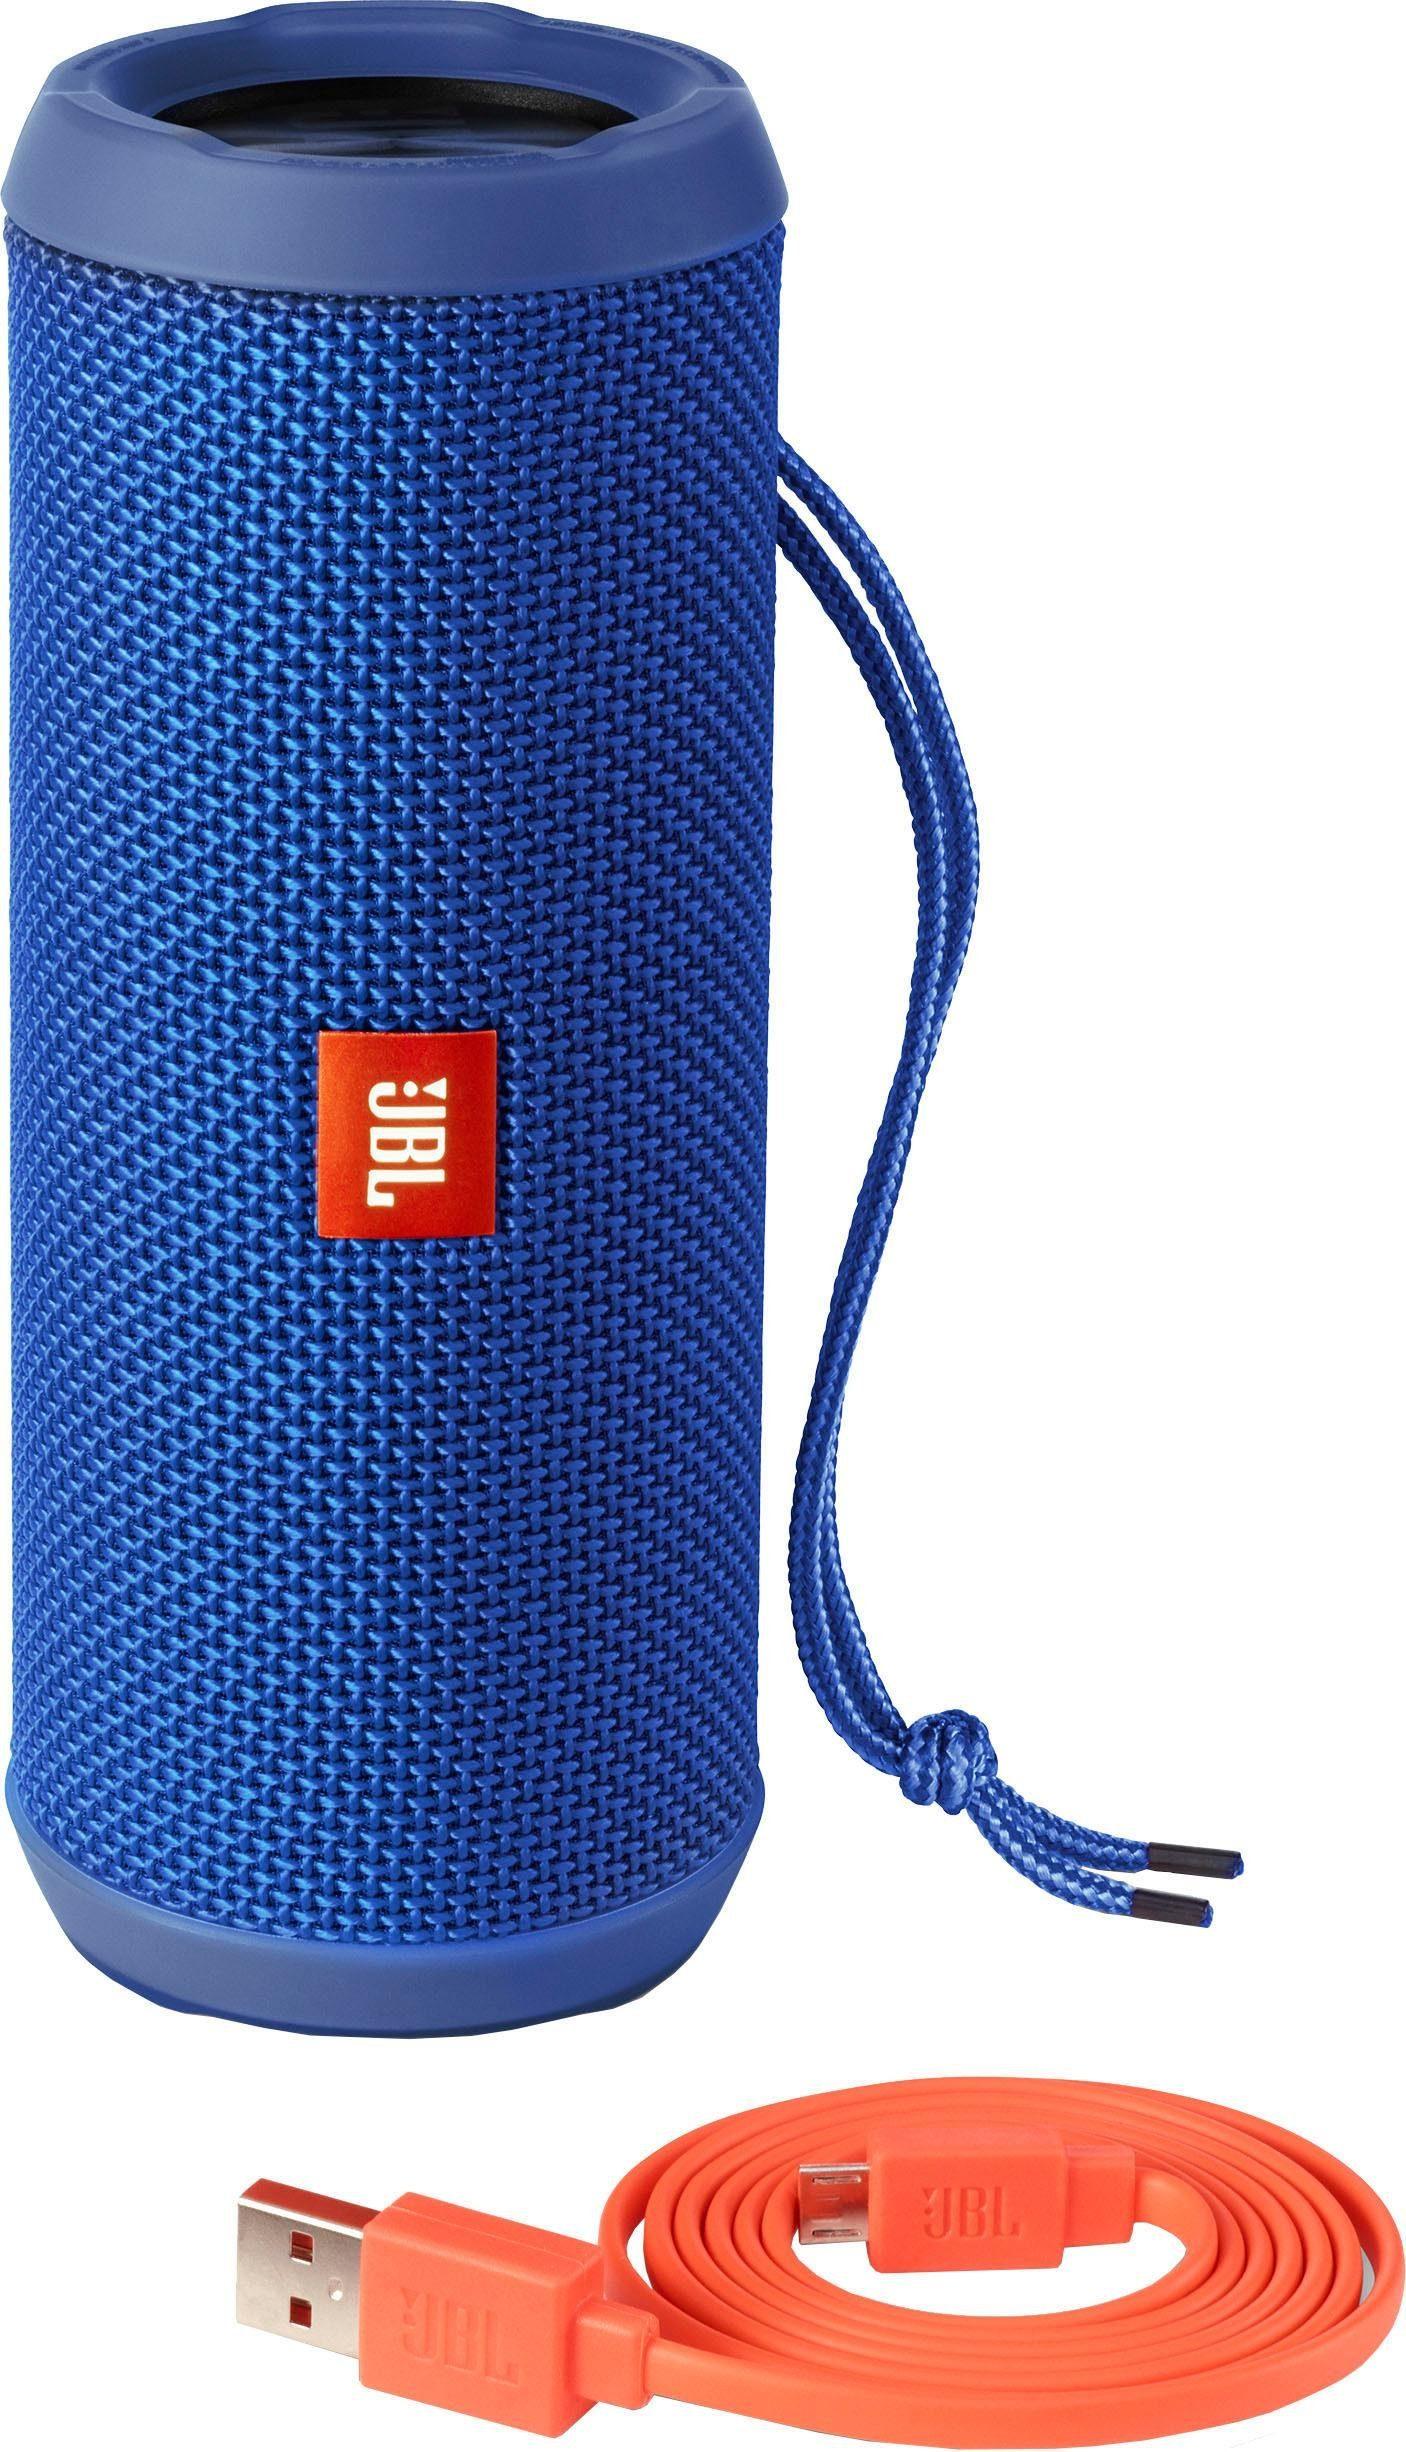 JBL Flip 3 Bluetooth-Lautsprecher in blau für 65,94€ [Otto]